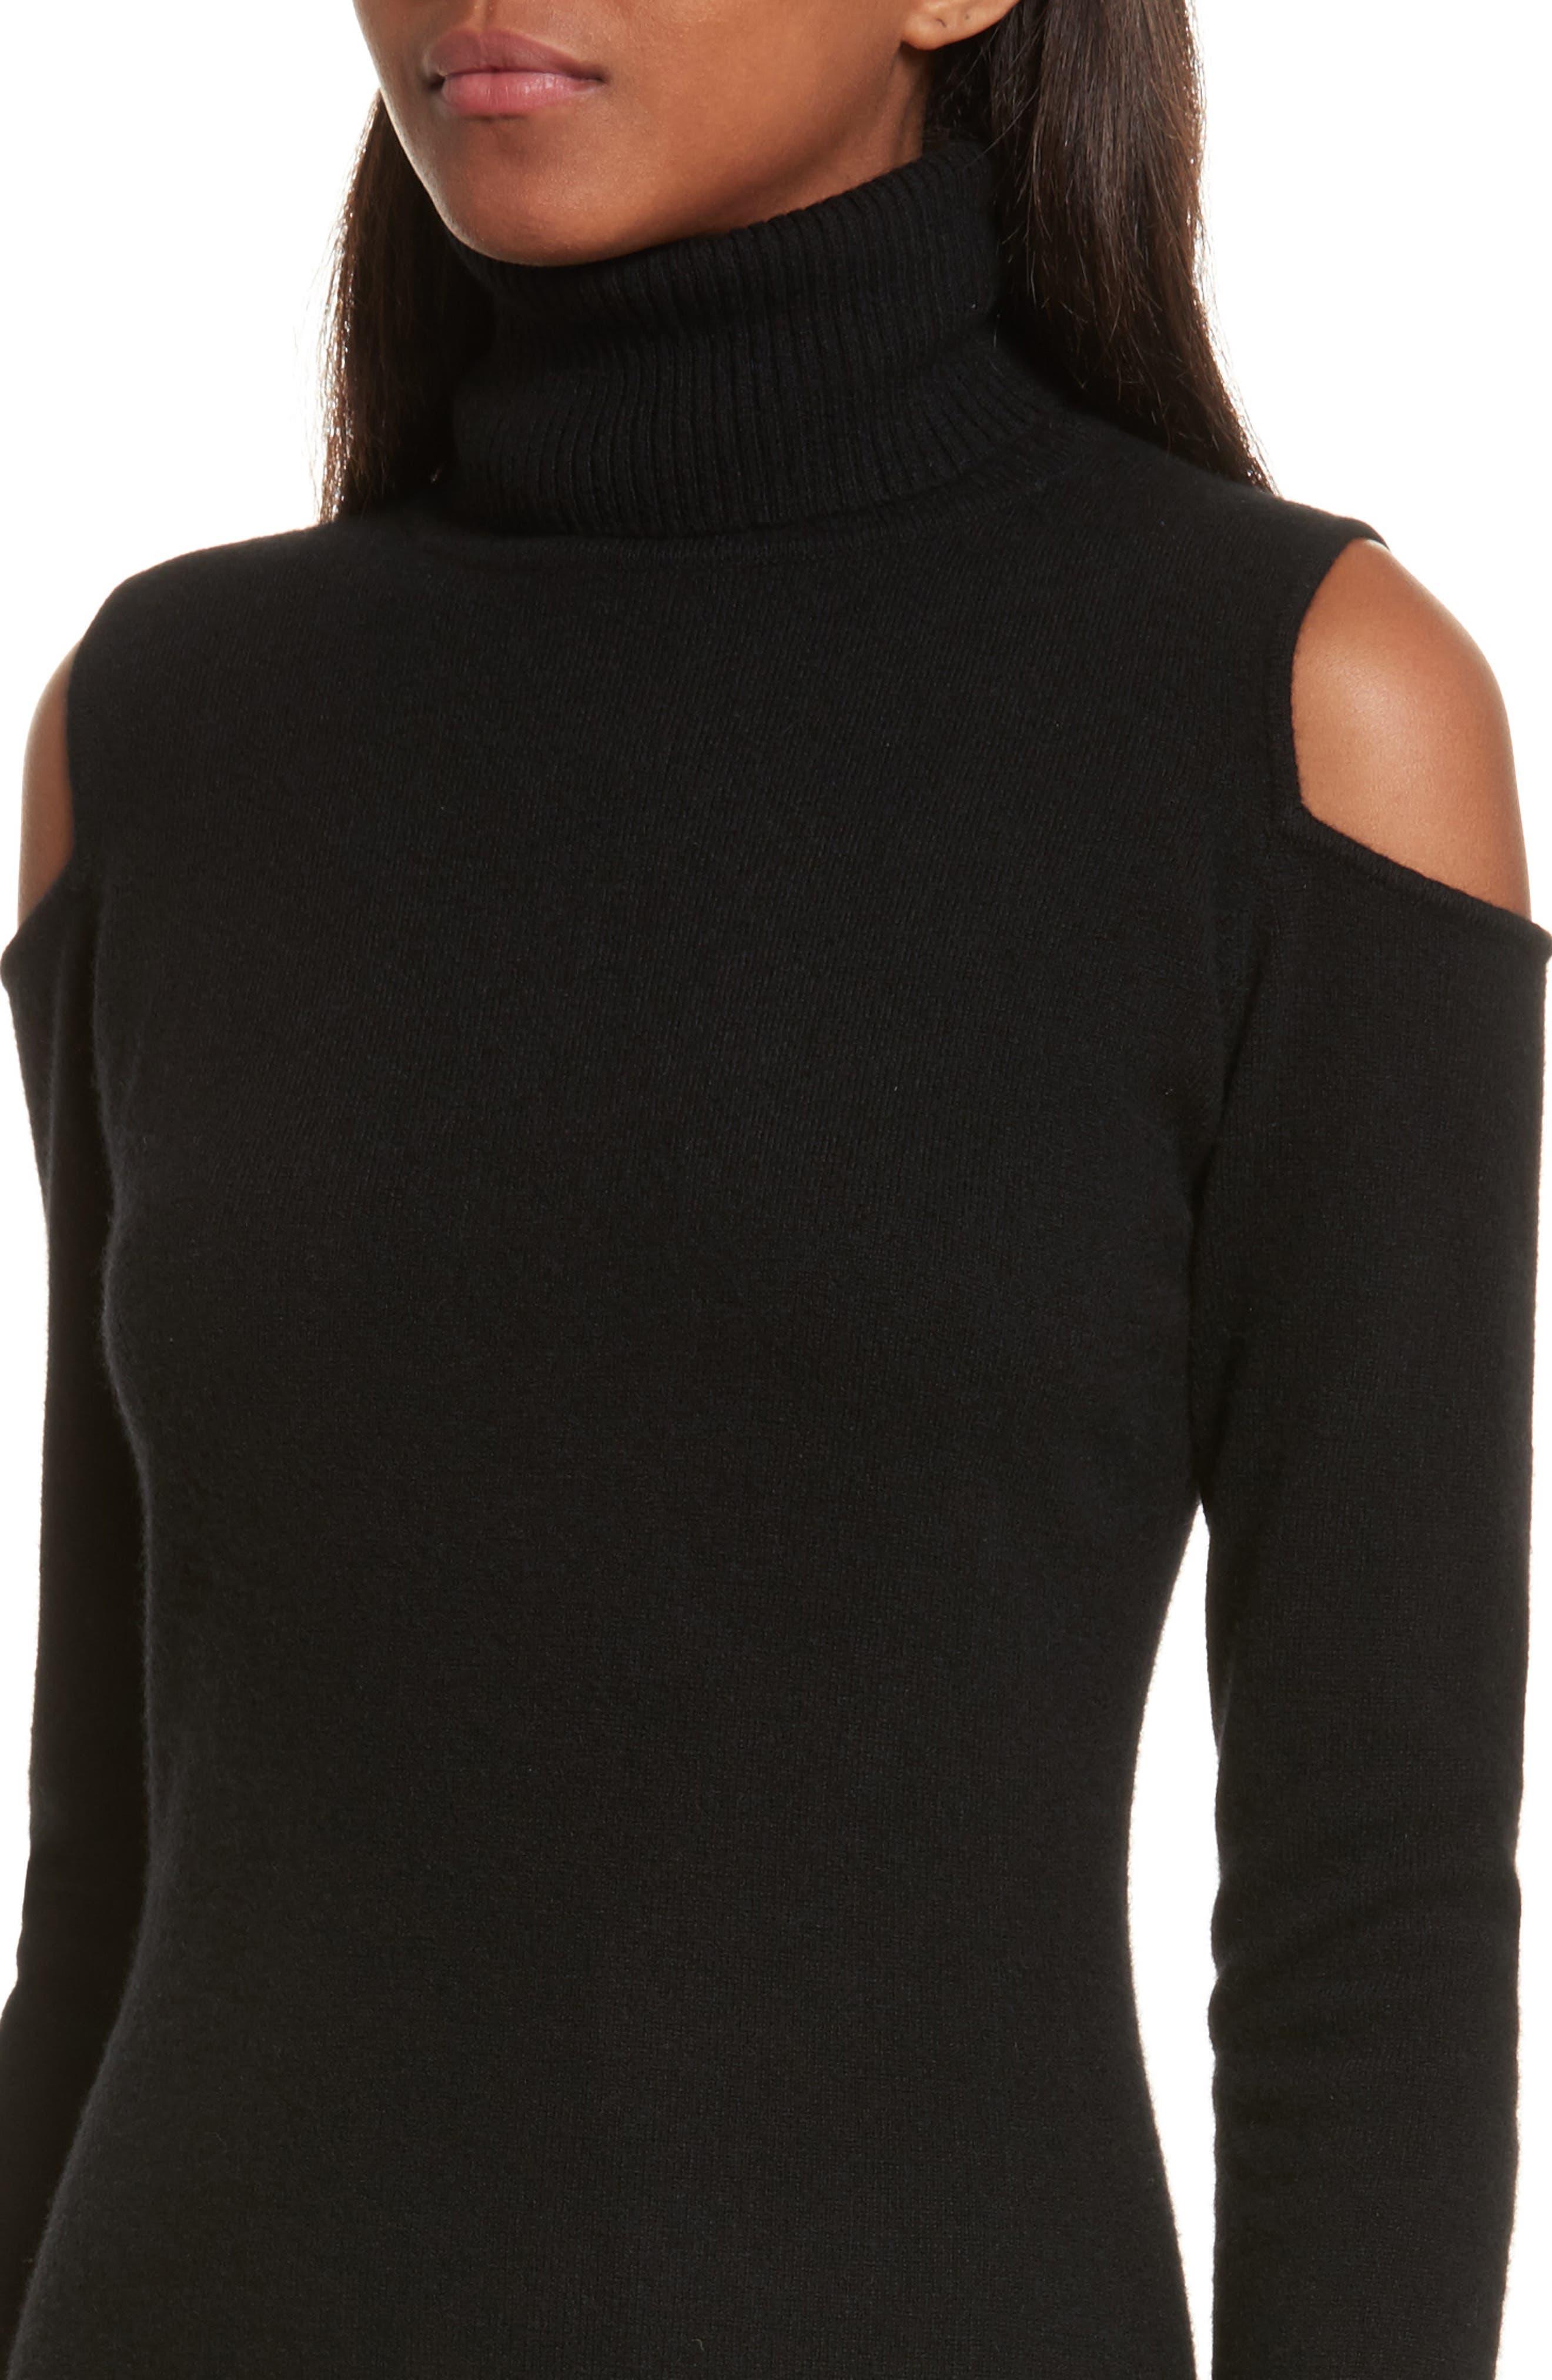 Cashmere Cold Shoulder Turtleneck Sweater Dress,                             Alternate thumbnail 7, color,